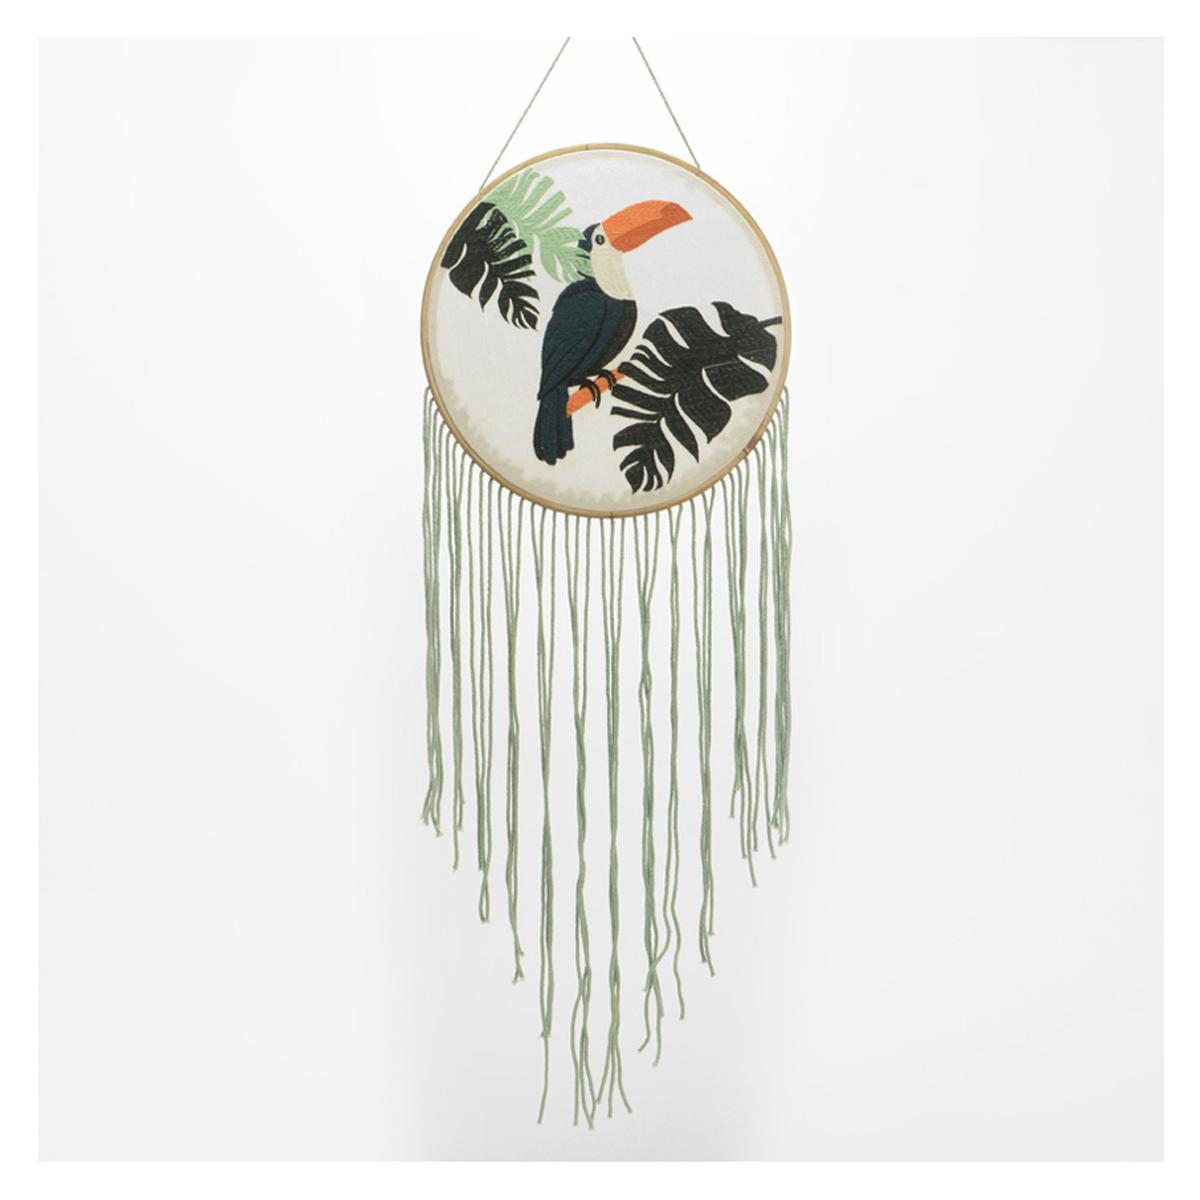 Décoration murale coton brodée \'Jungle\' noir vert (toucan, monstera) - 120x30 cm - [Q9628]